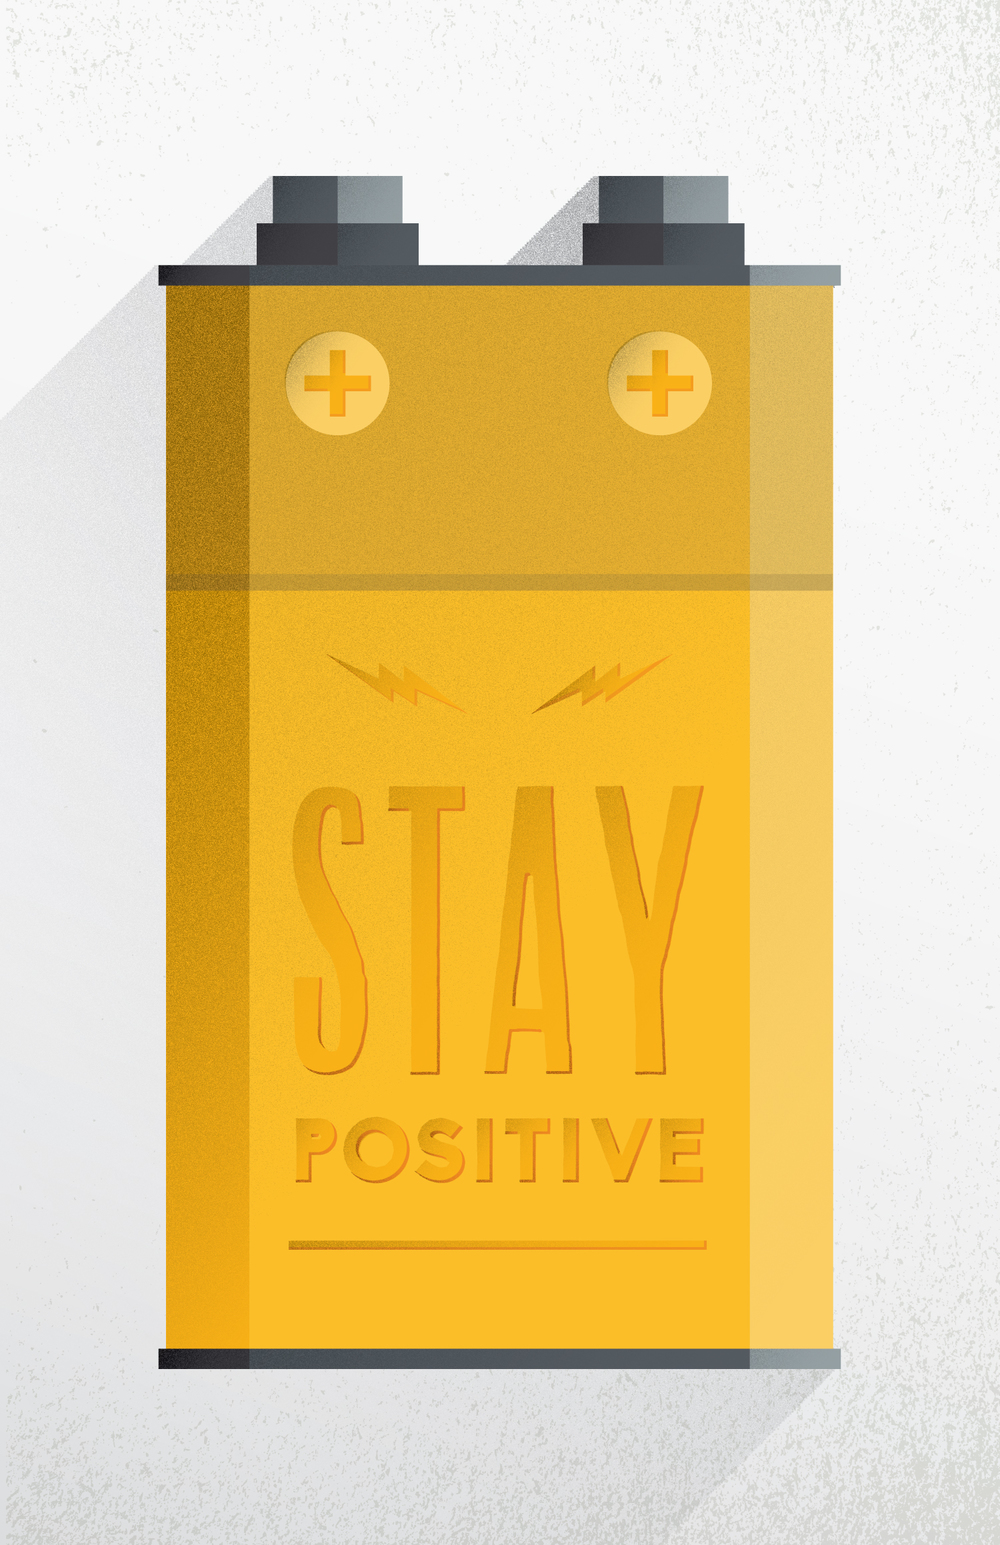 positive-9-volt.jpg